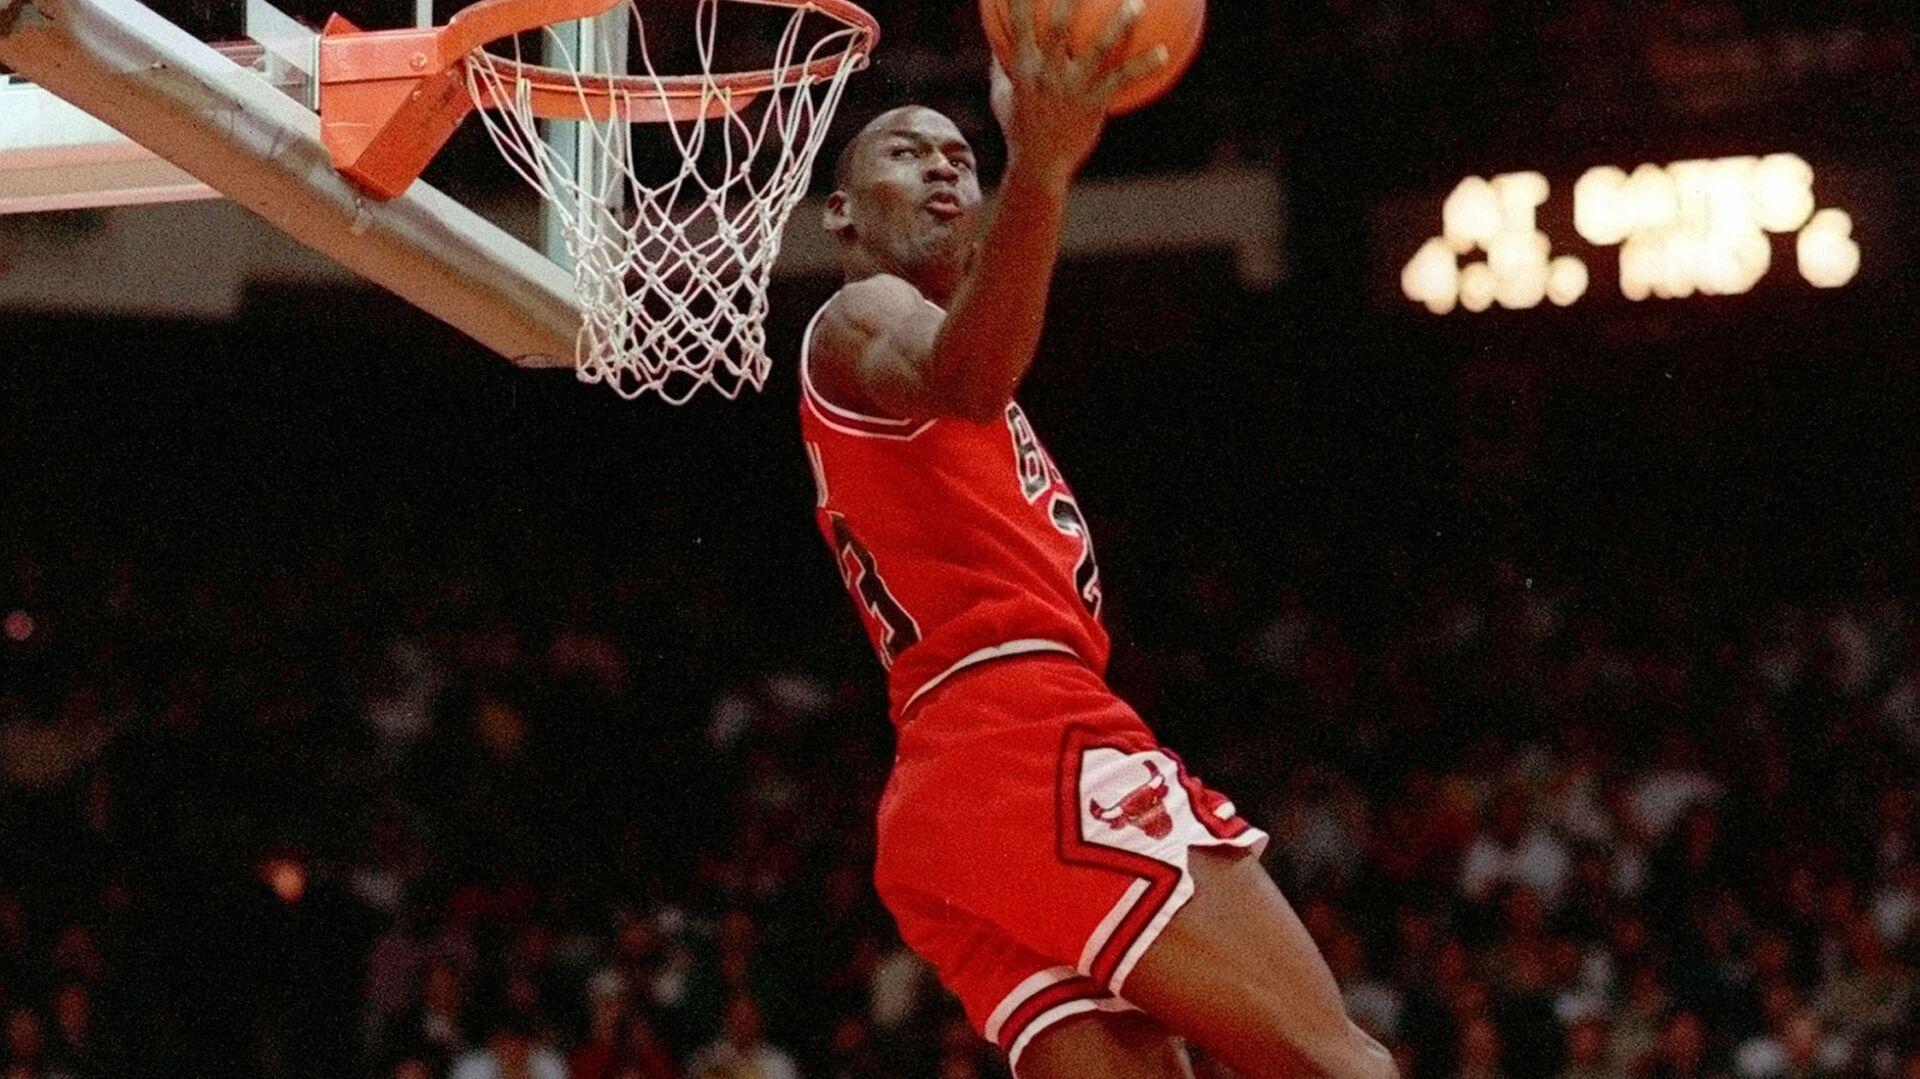 Майкл Джордан забивает слэм-данк в прыжке, 1988 - Sputnik Армения, 1920, 26.09.2021